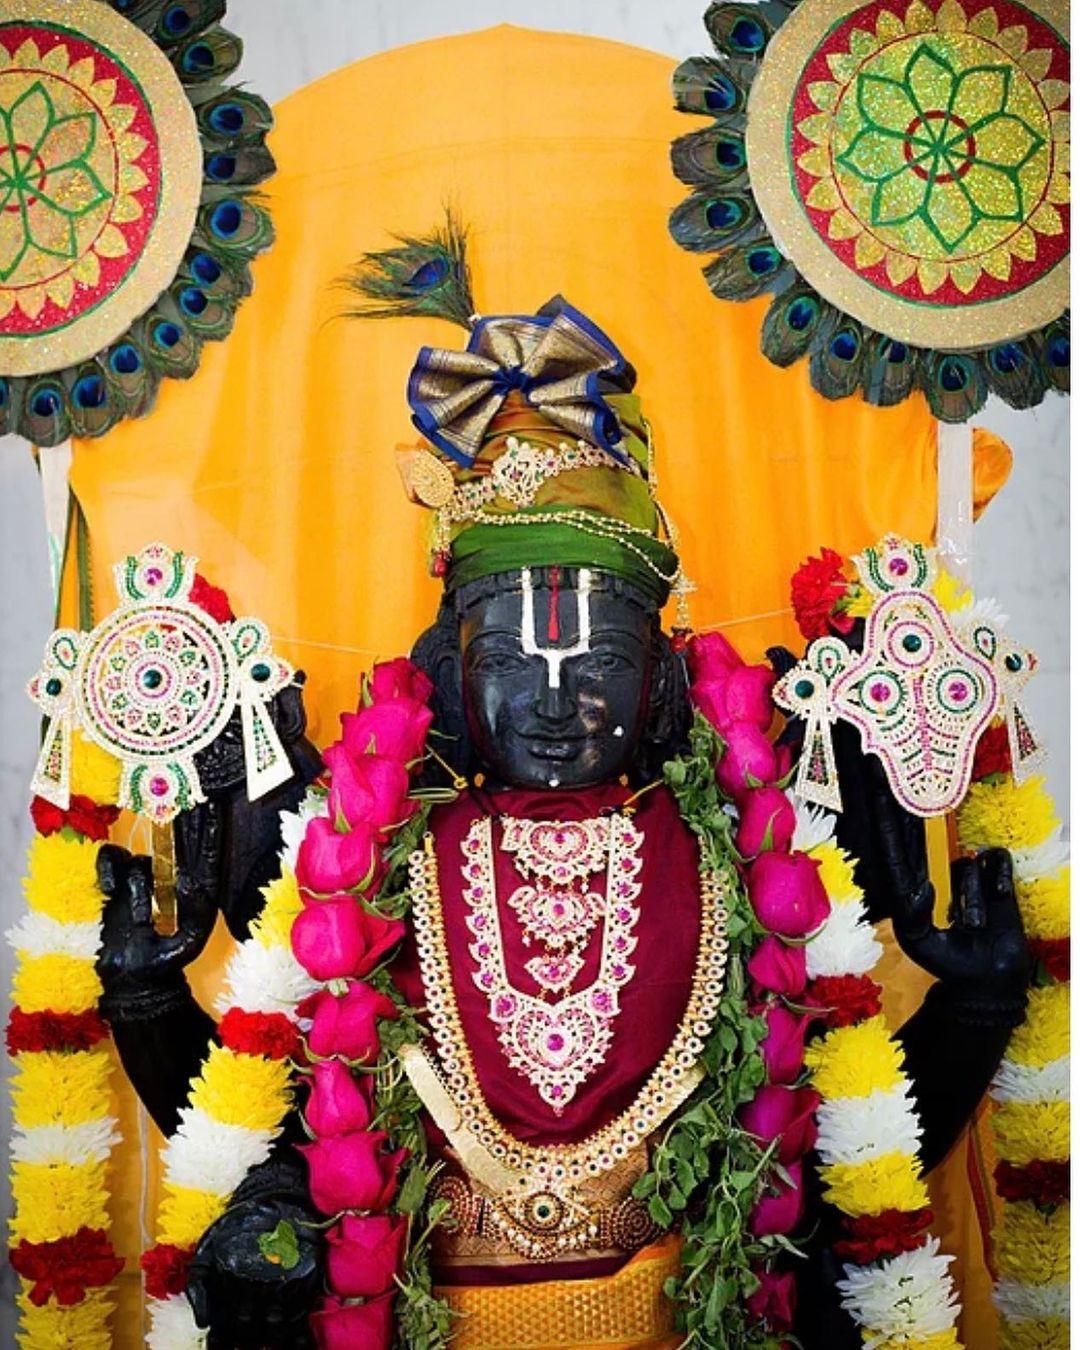 Images of Guruvayurappan Bhagwan